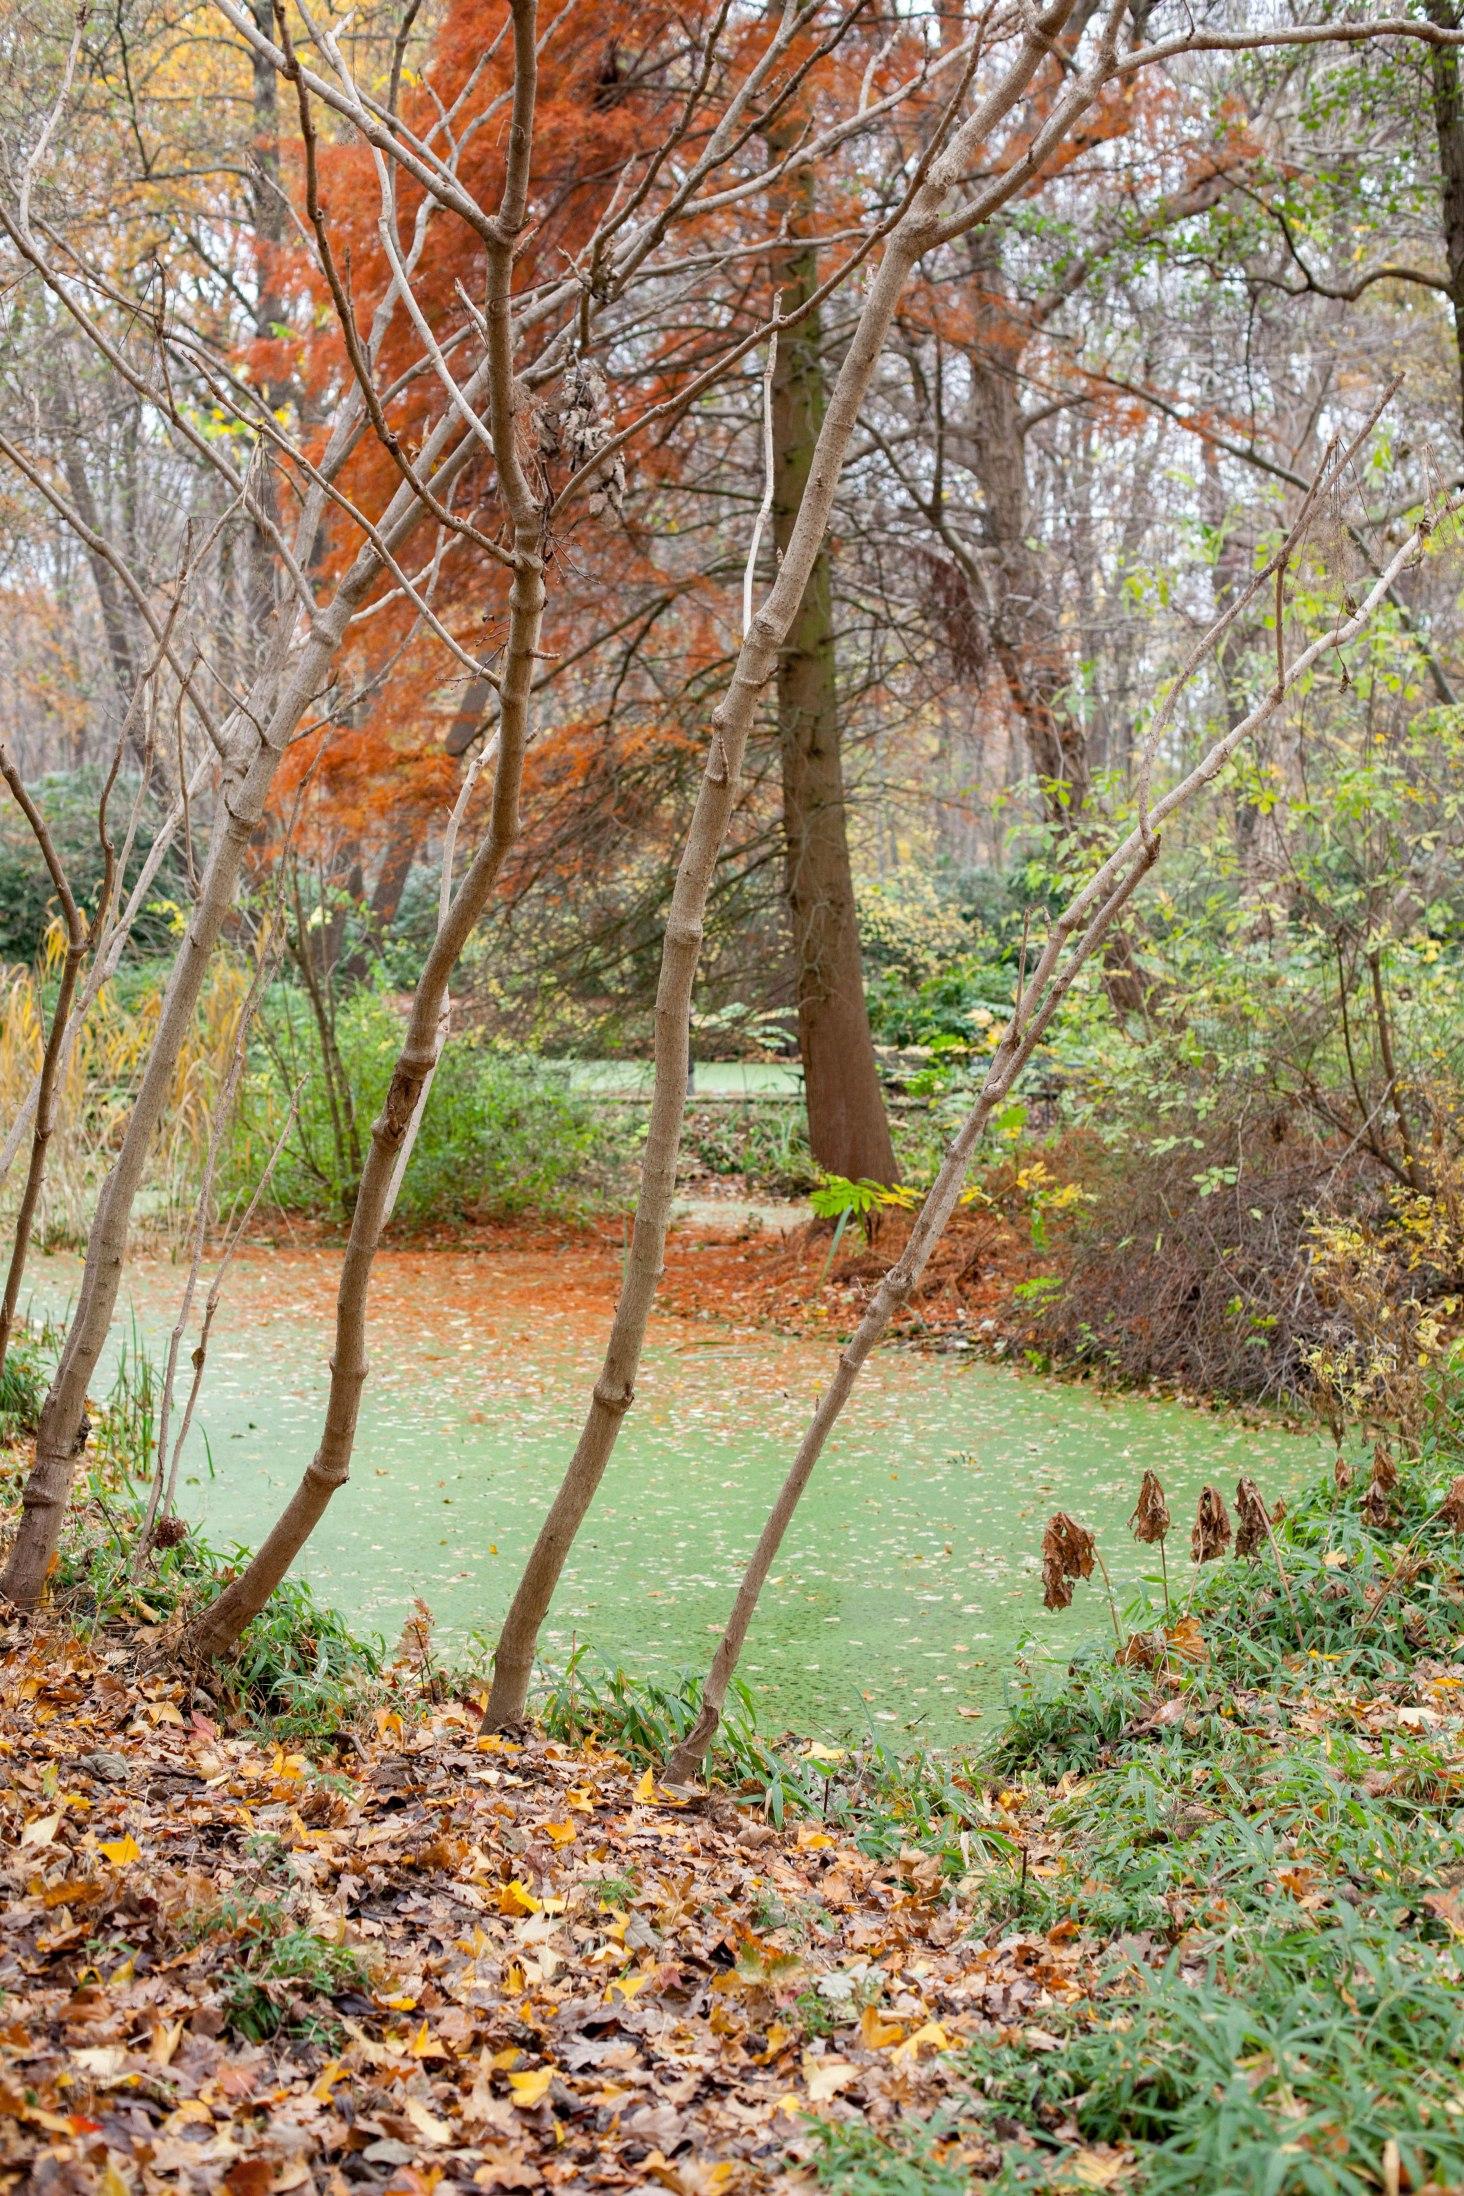 Nutzt die Gelegenheit und geht durch den Großen Tiergarten spazieren, wenn ihr in der Nähe wohnt oder arbeitet oder seid.